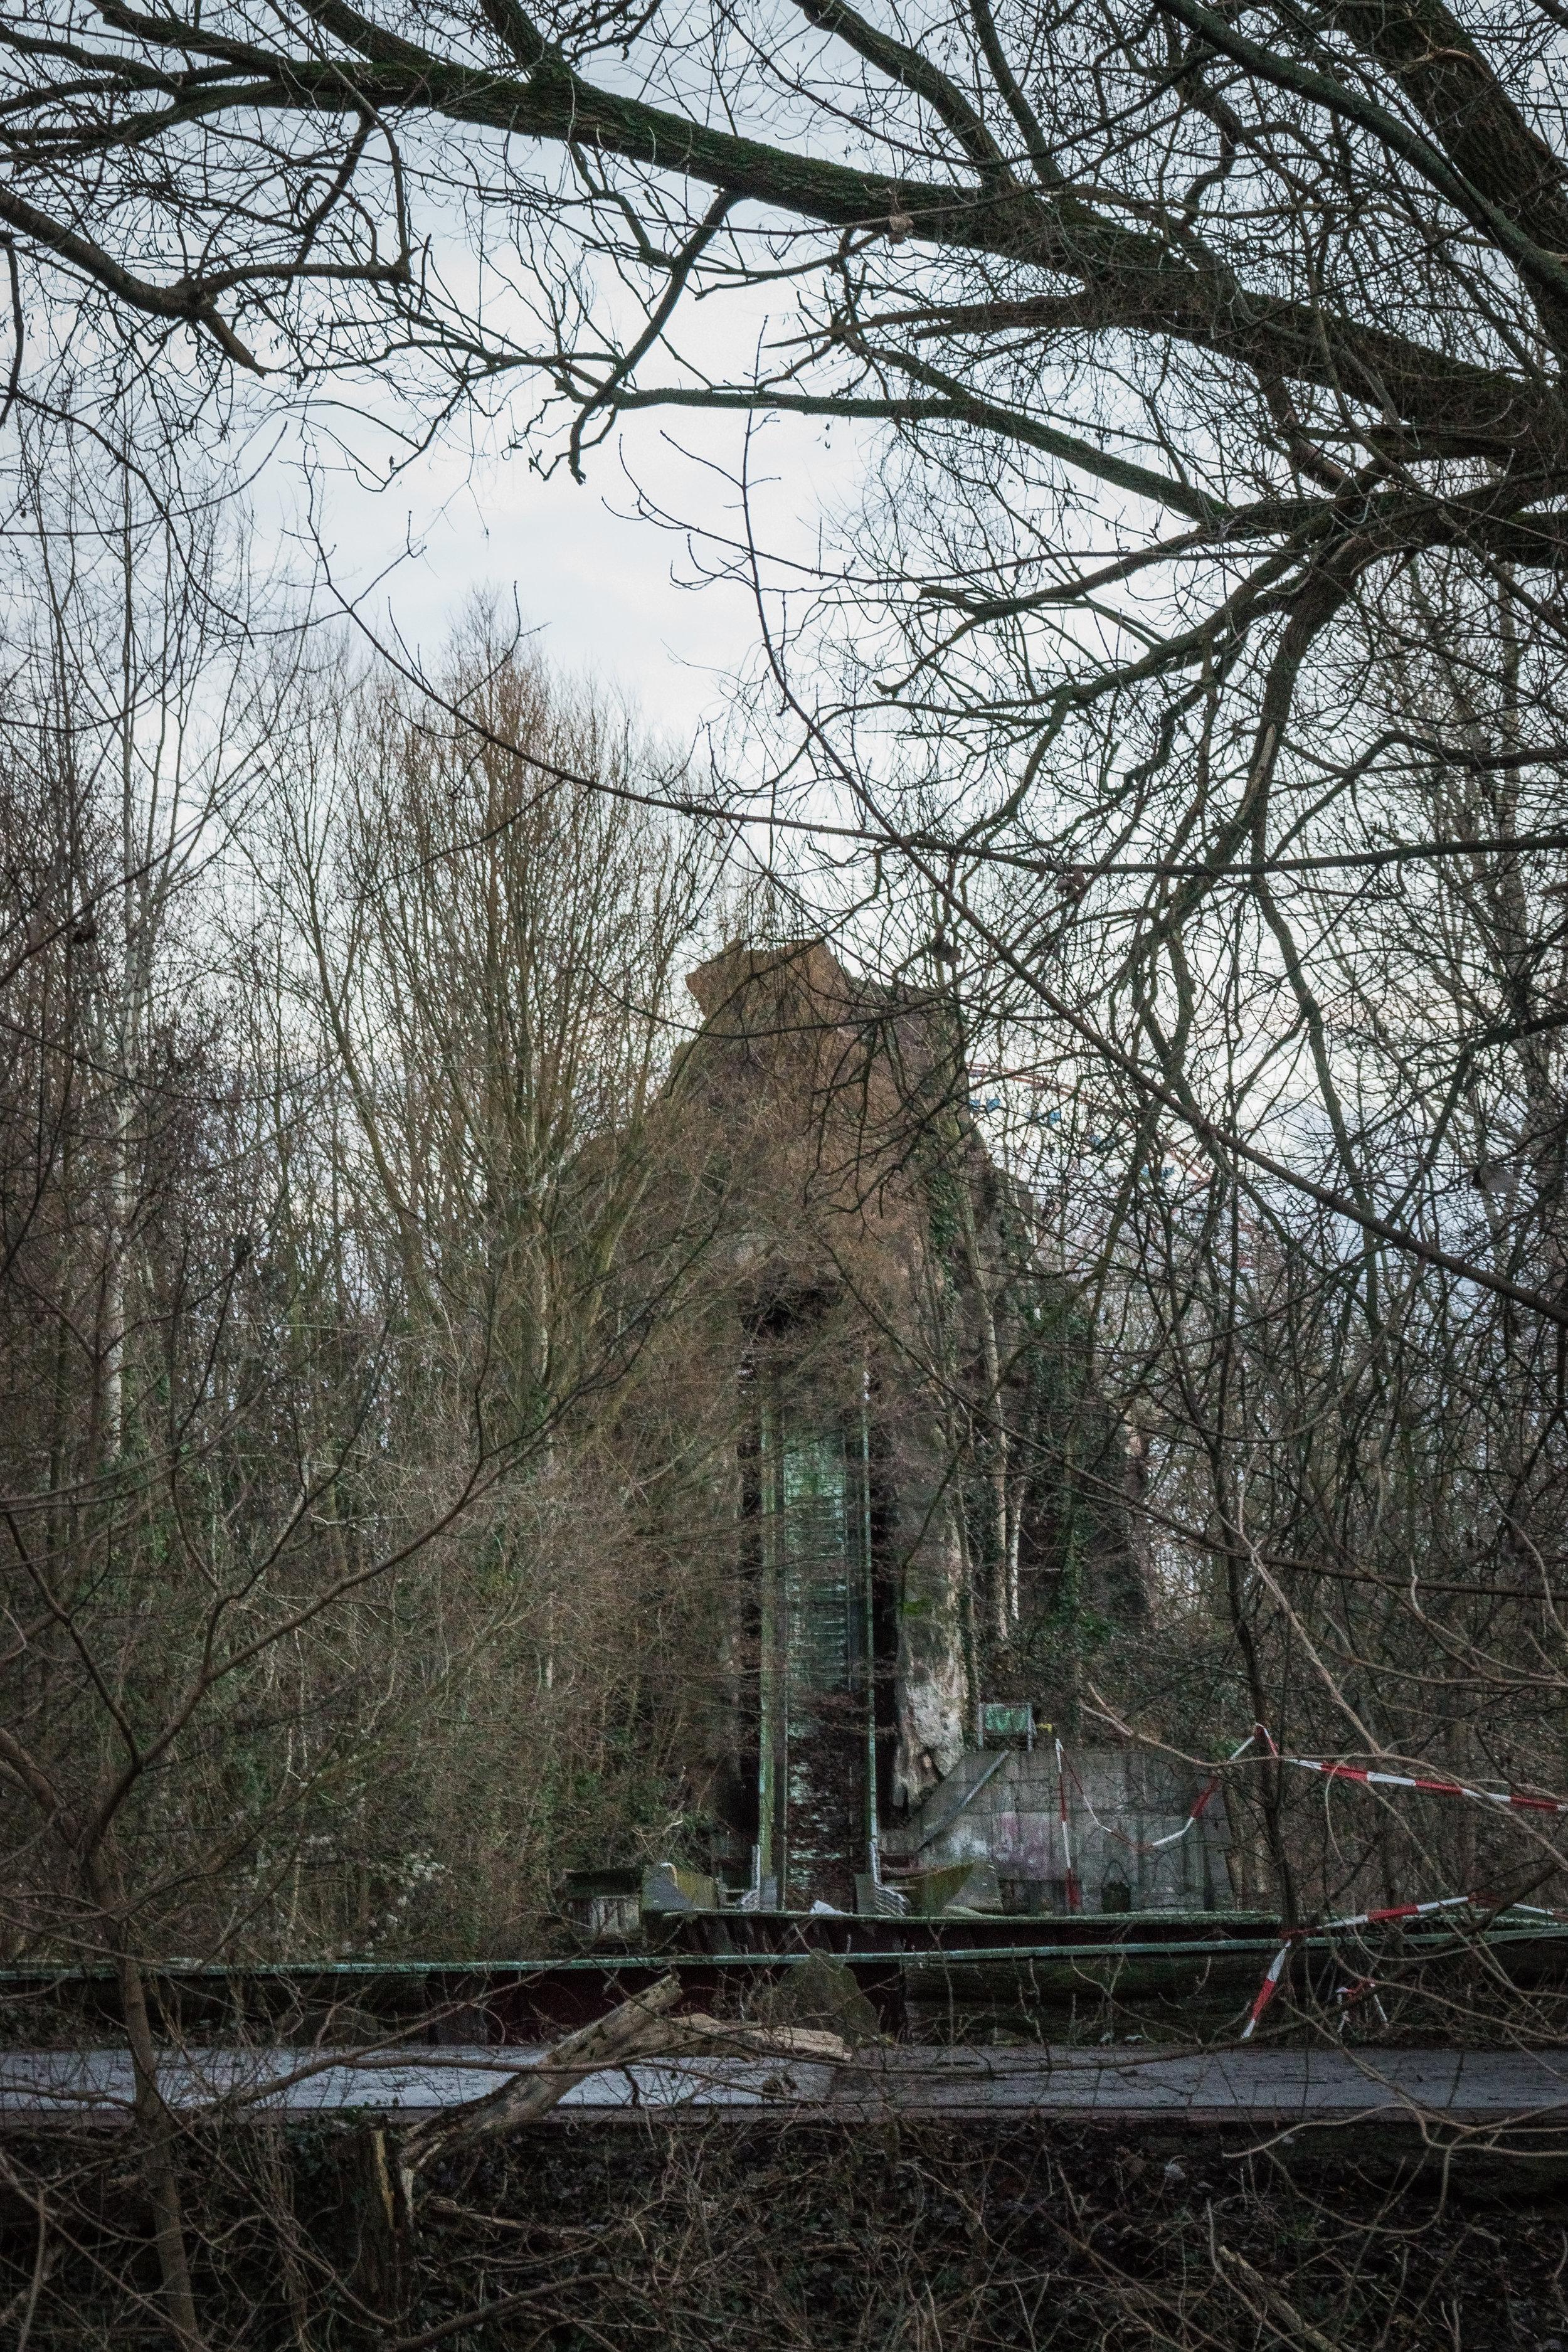 former giant slide